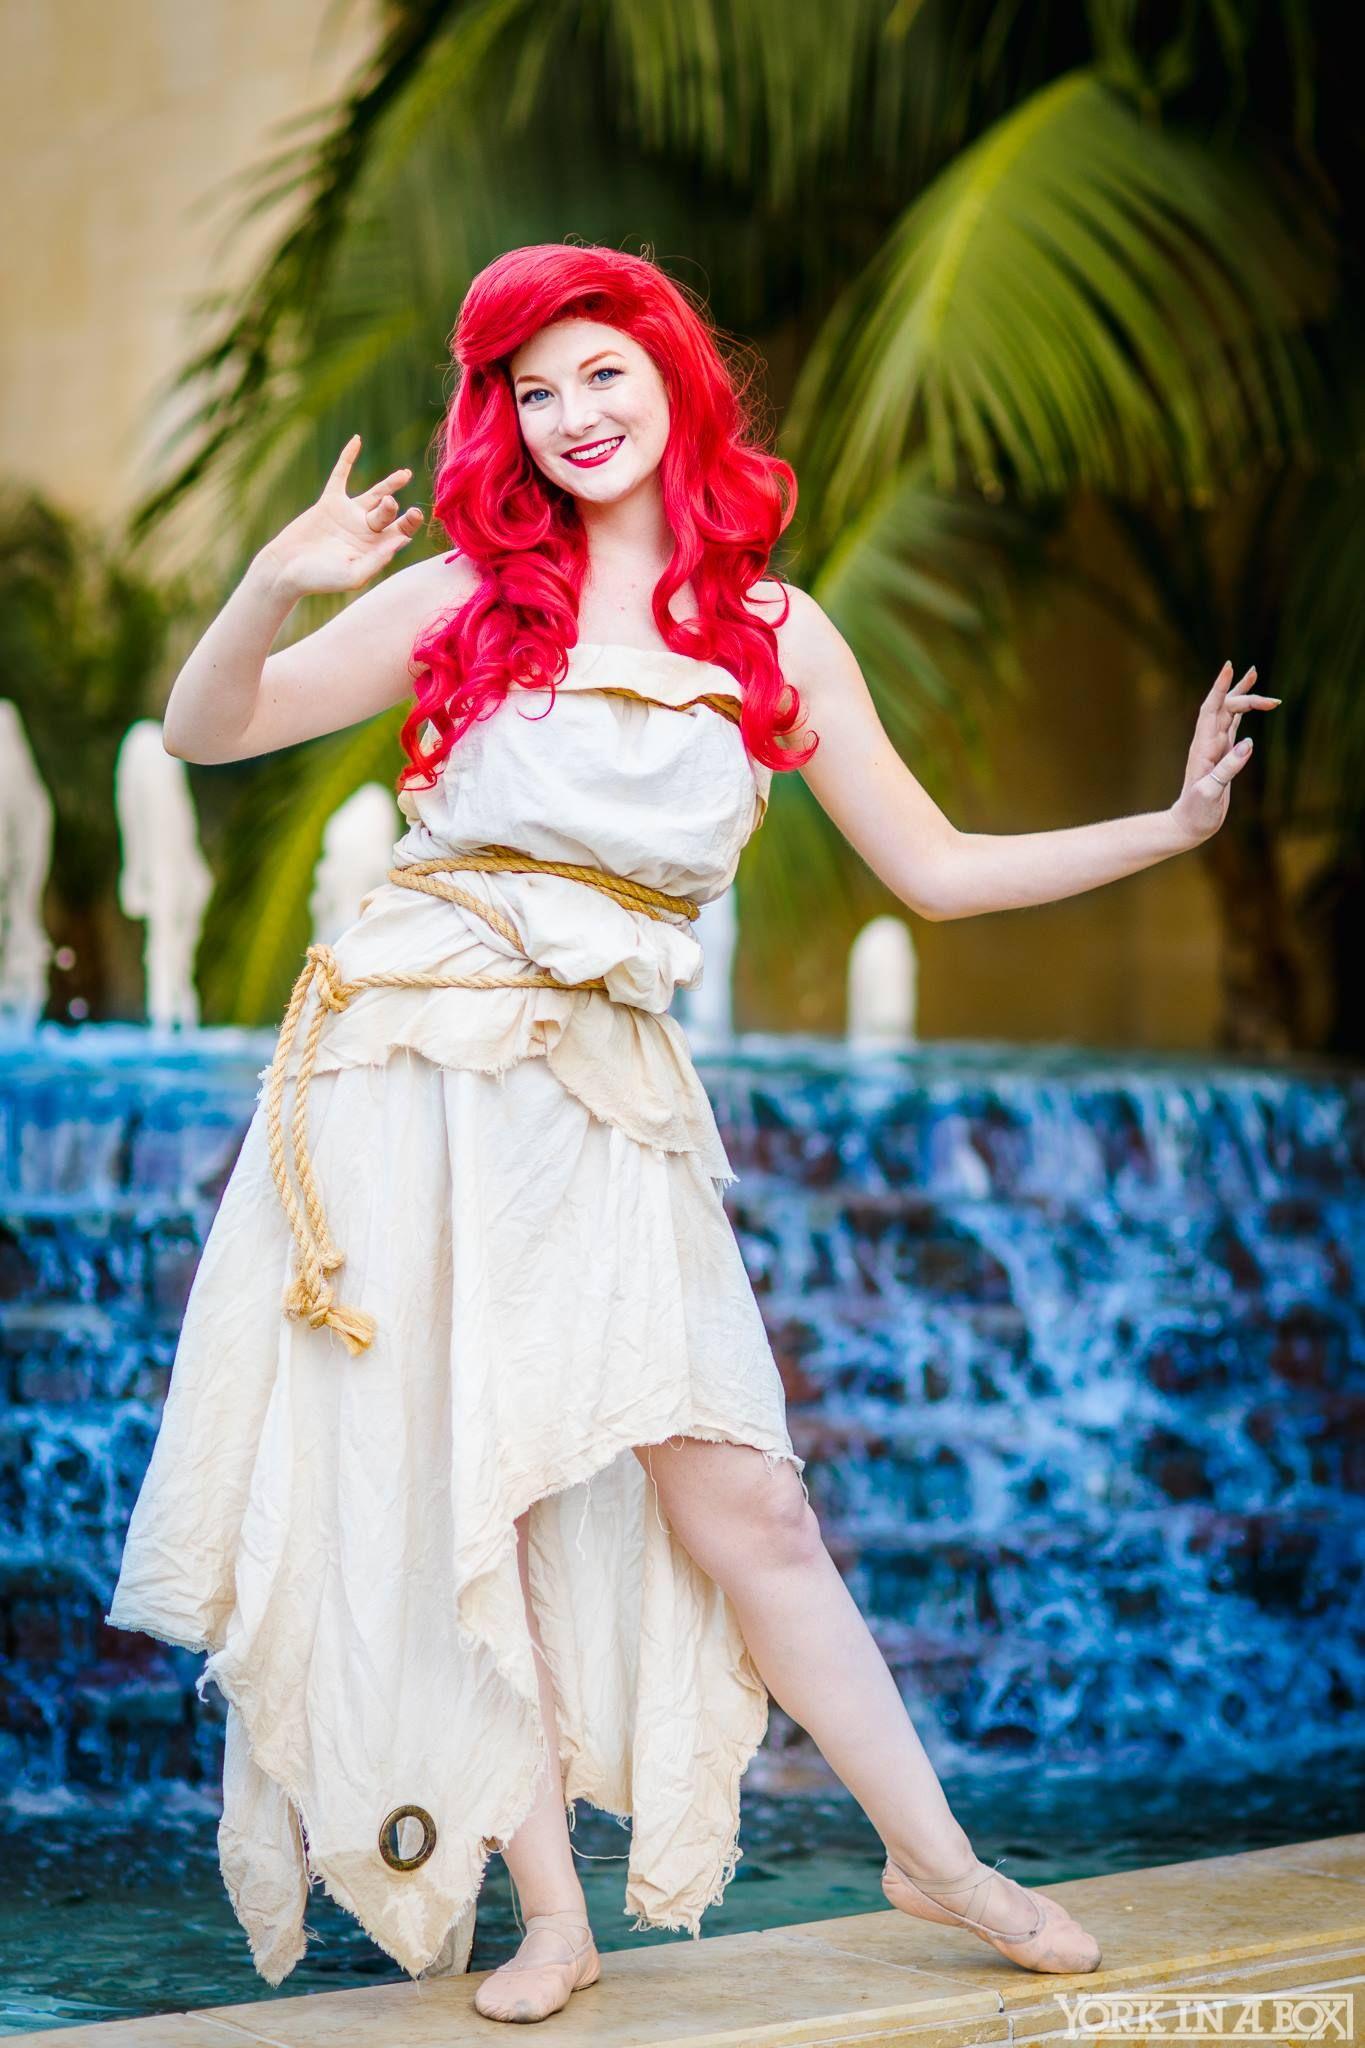 Mermaid Cosplay Women/'s Ariel Inspired Running Costume Sail Dress Costume Little Mermaid New Legs Dress Mermaid Run Costumes